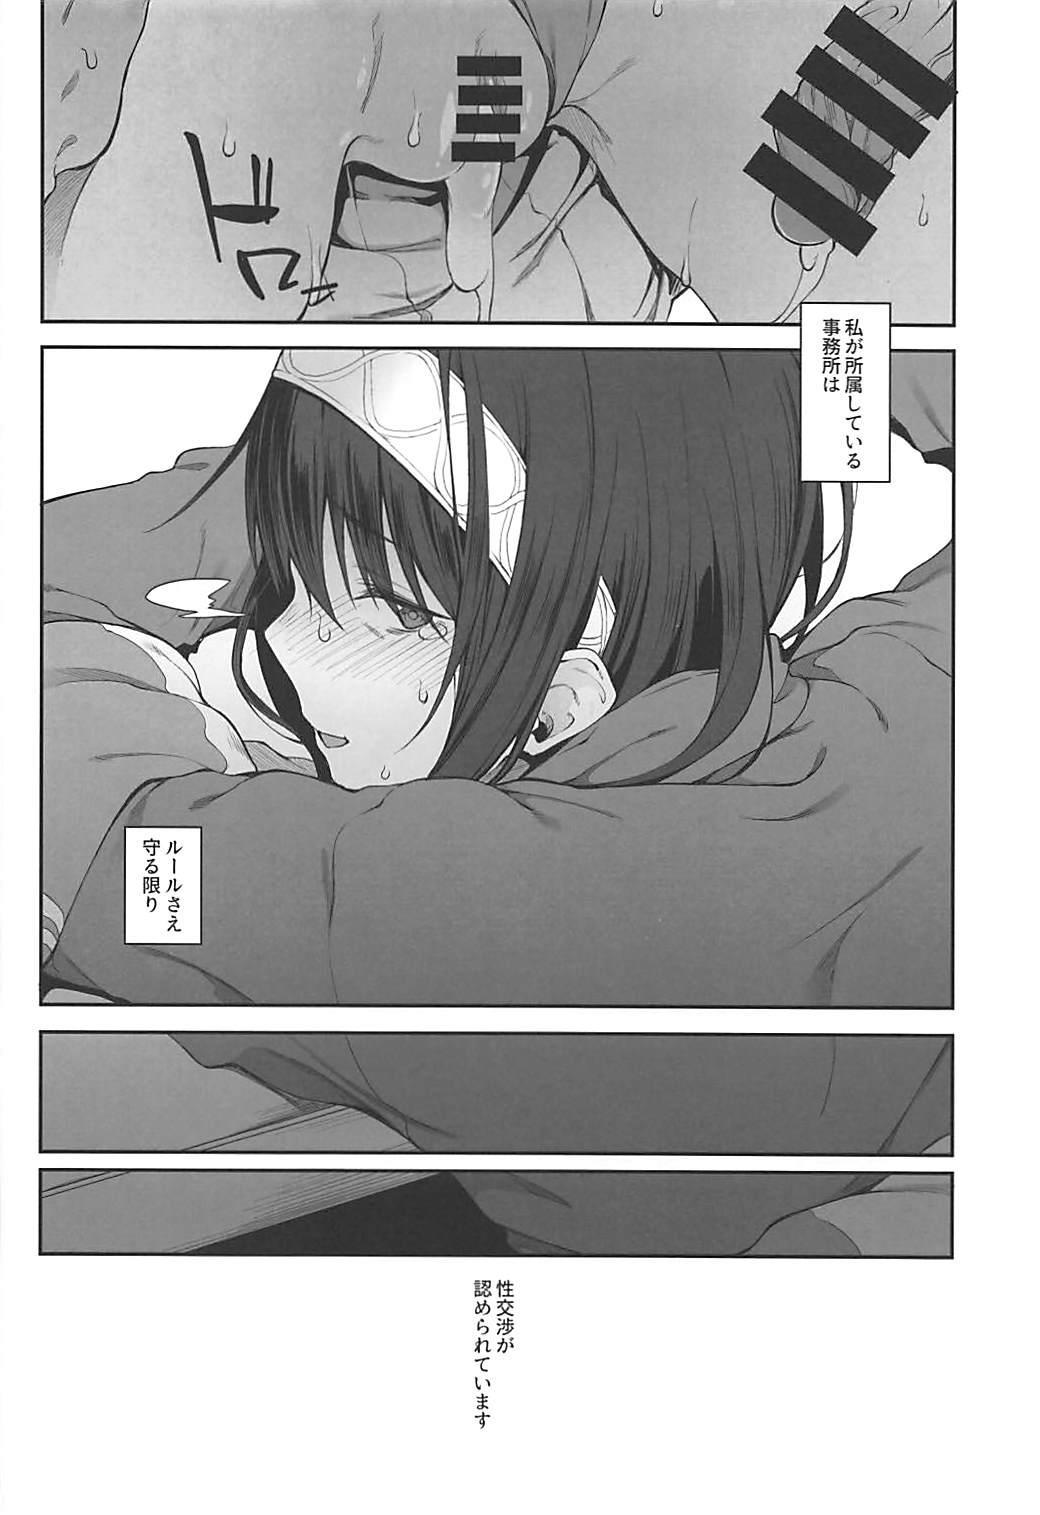 Seikoushou ga Mitomerareteimasu 14